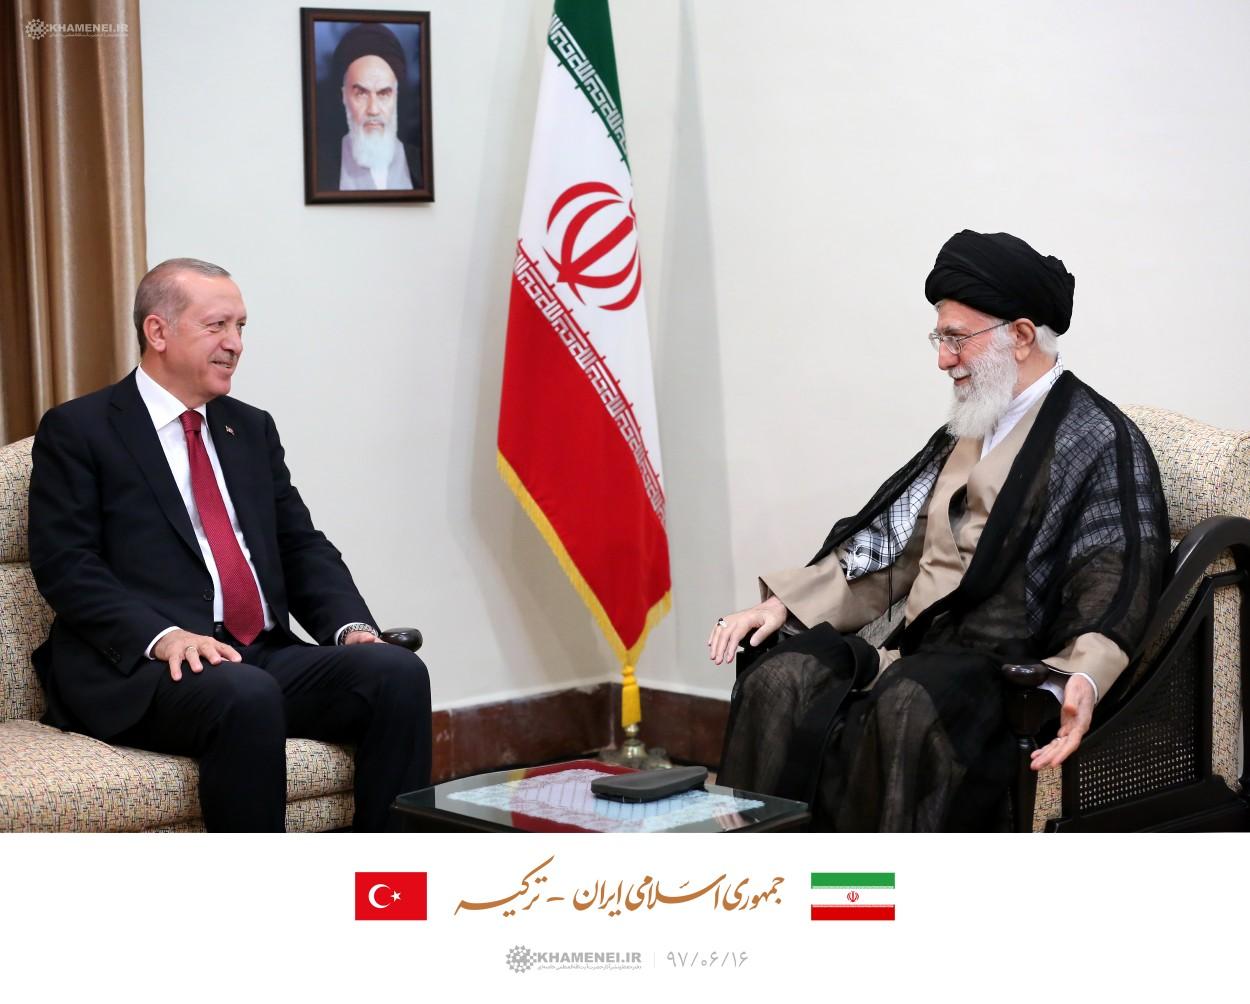 رئیس جمهور ترکیه با رهبر انقلاب دیدار کرد